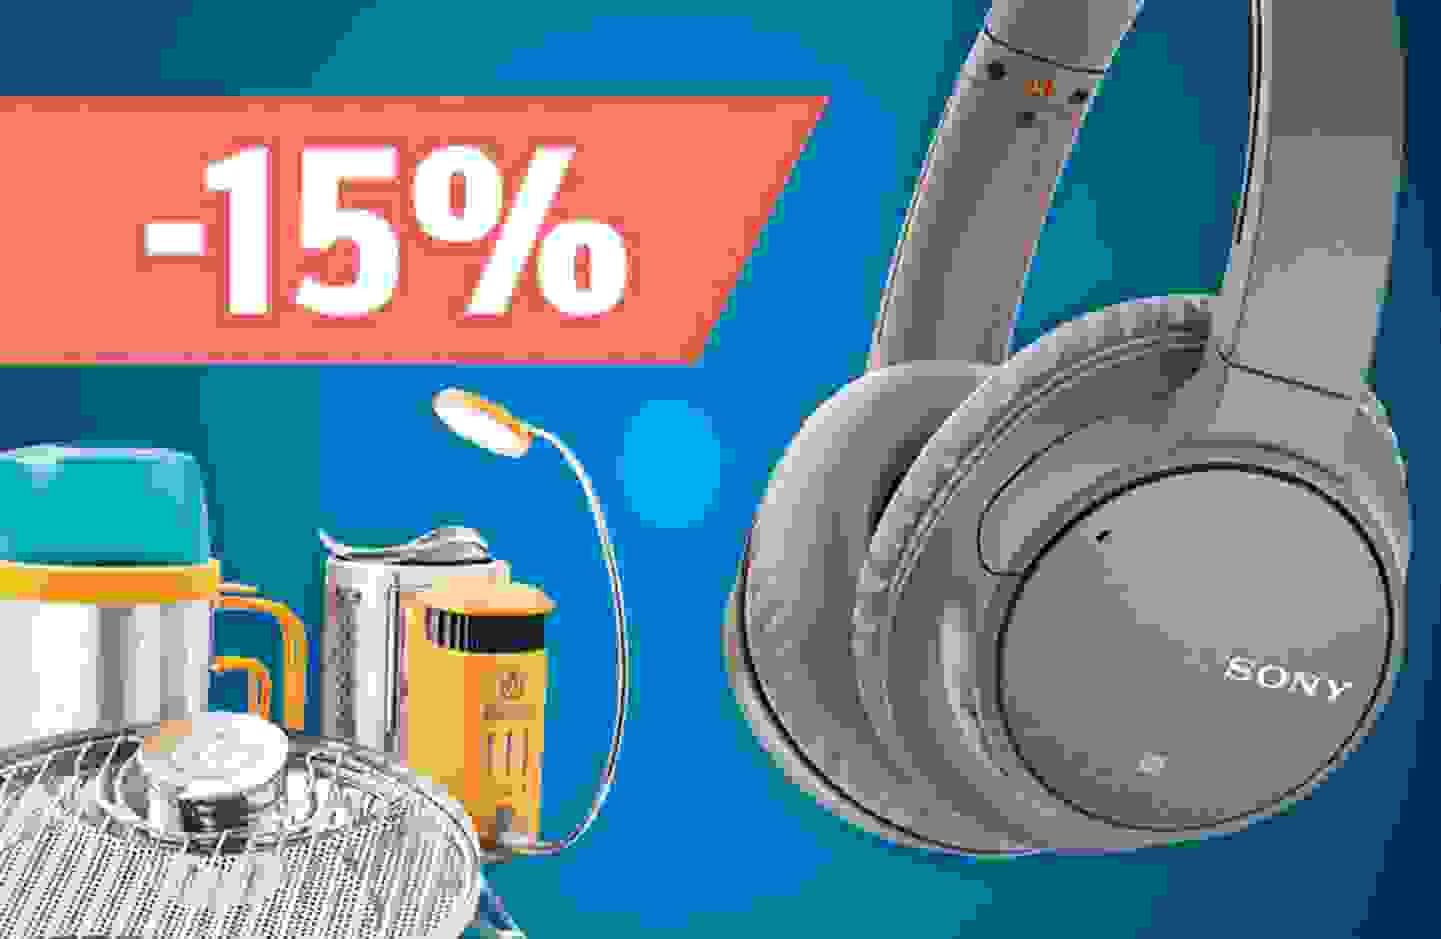 Remise sur gamme:  15% de remise sur tous les casques audio et toute la gamme Camping & Outdoor - En profiter »